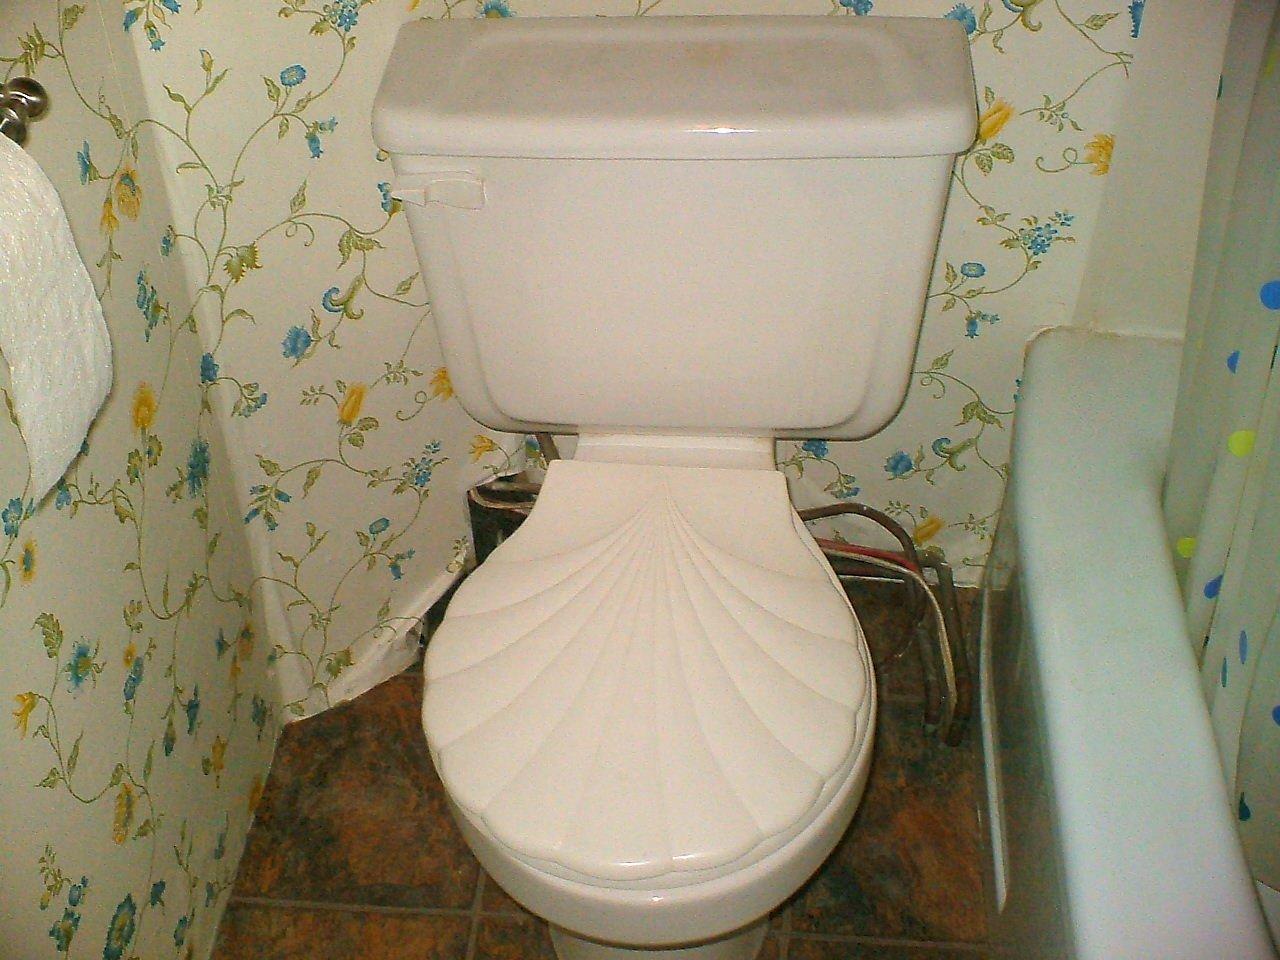 Skirt Toilet 7